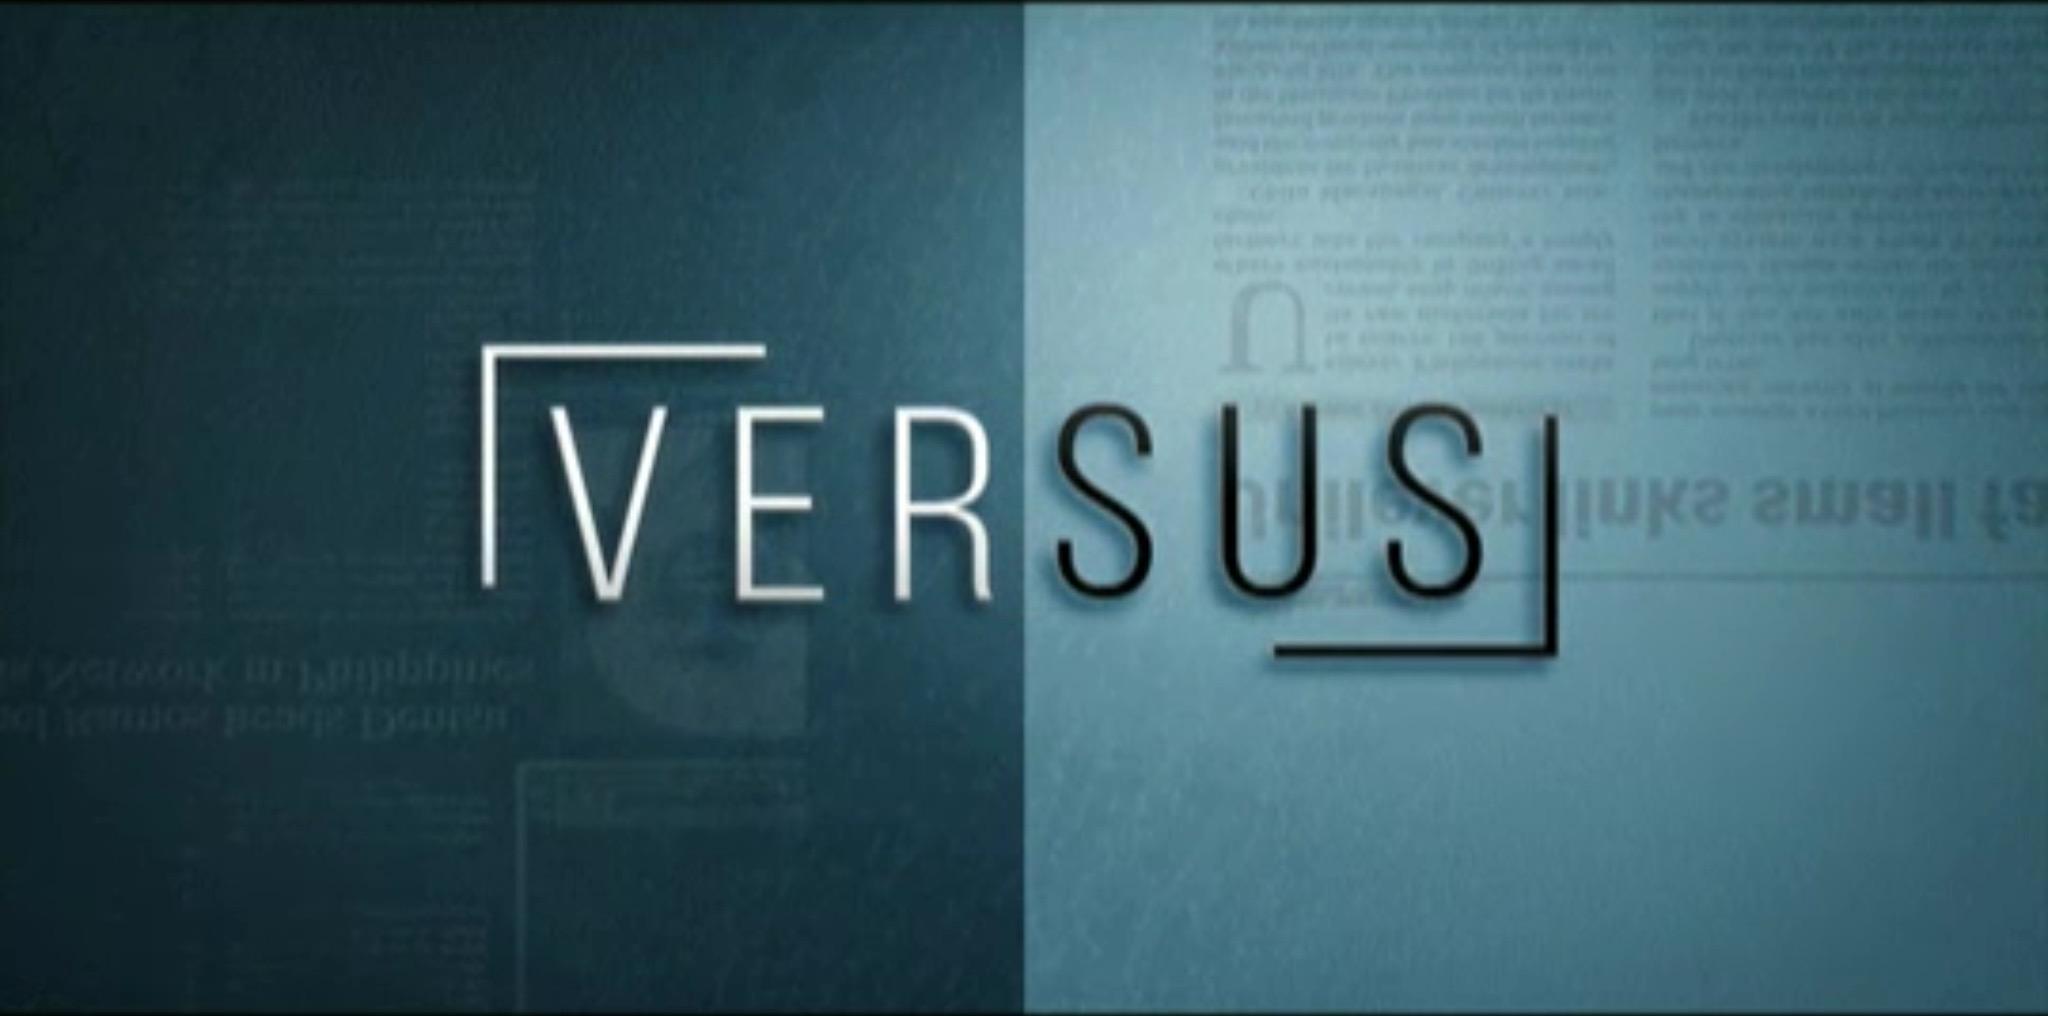 Versus (Philippine TV program)